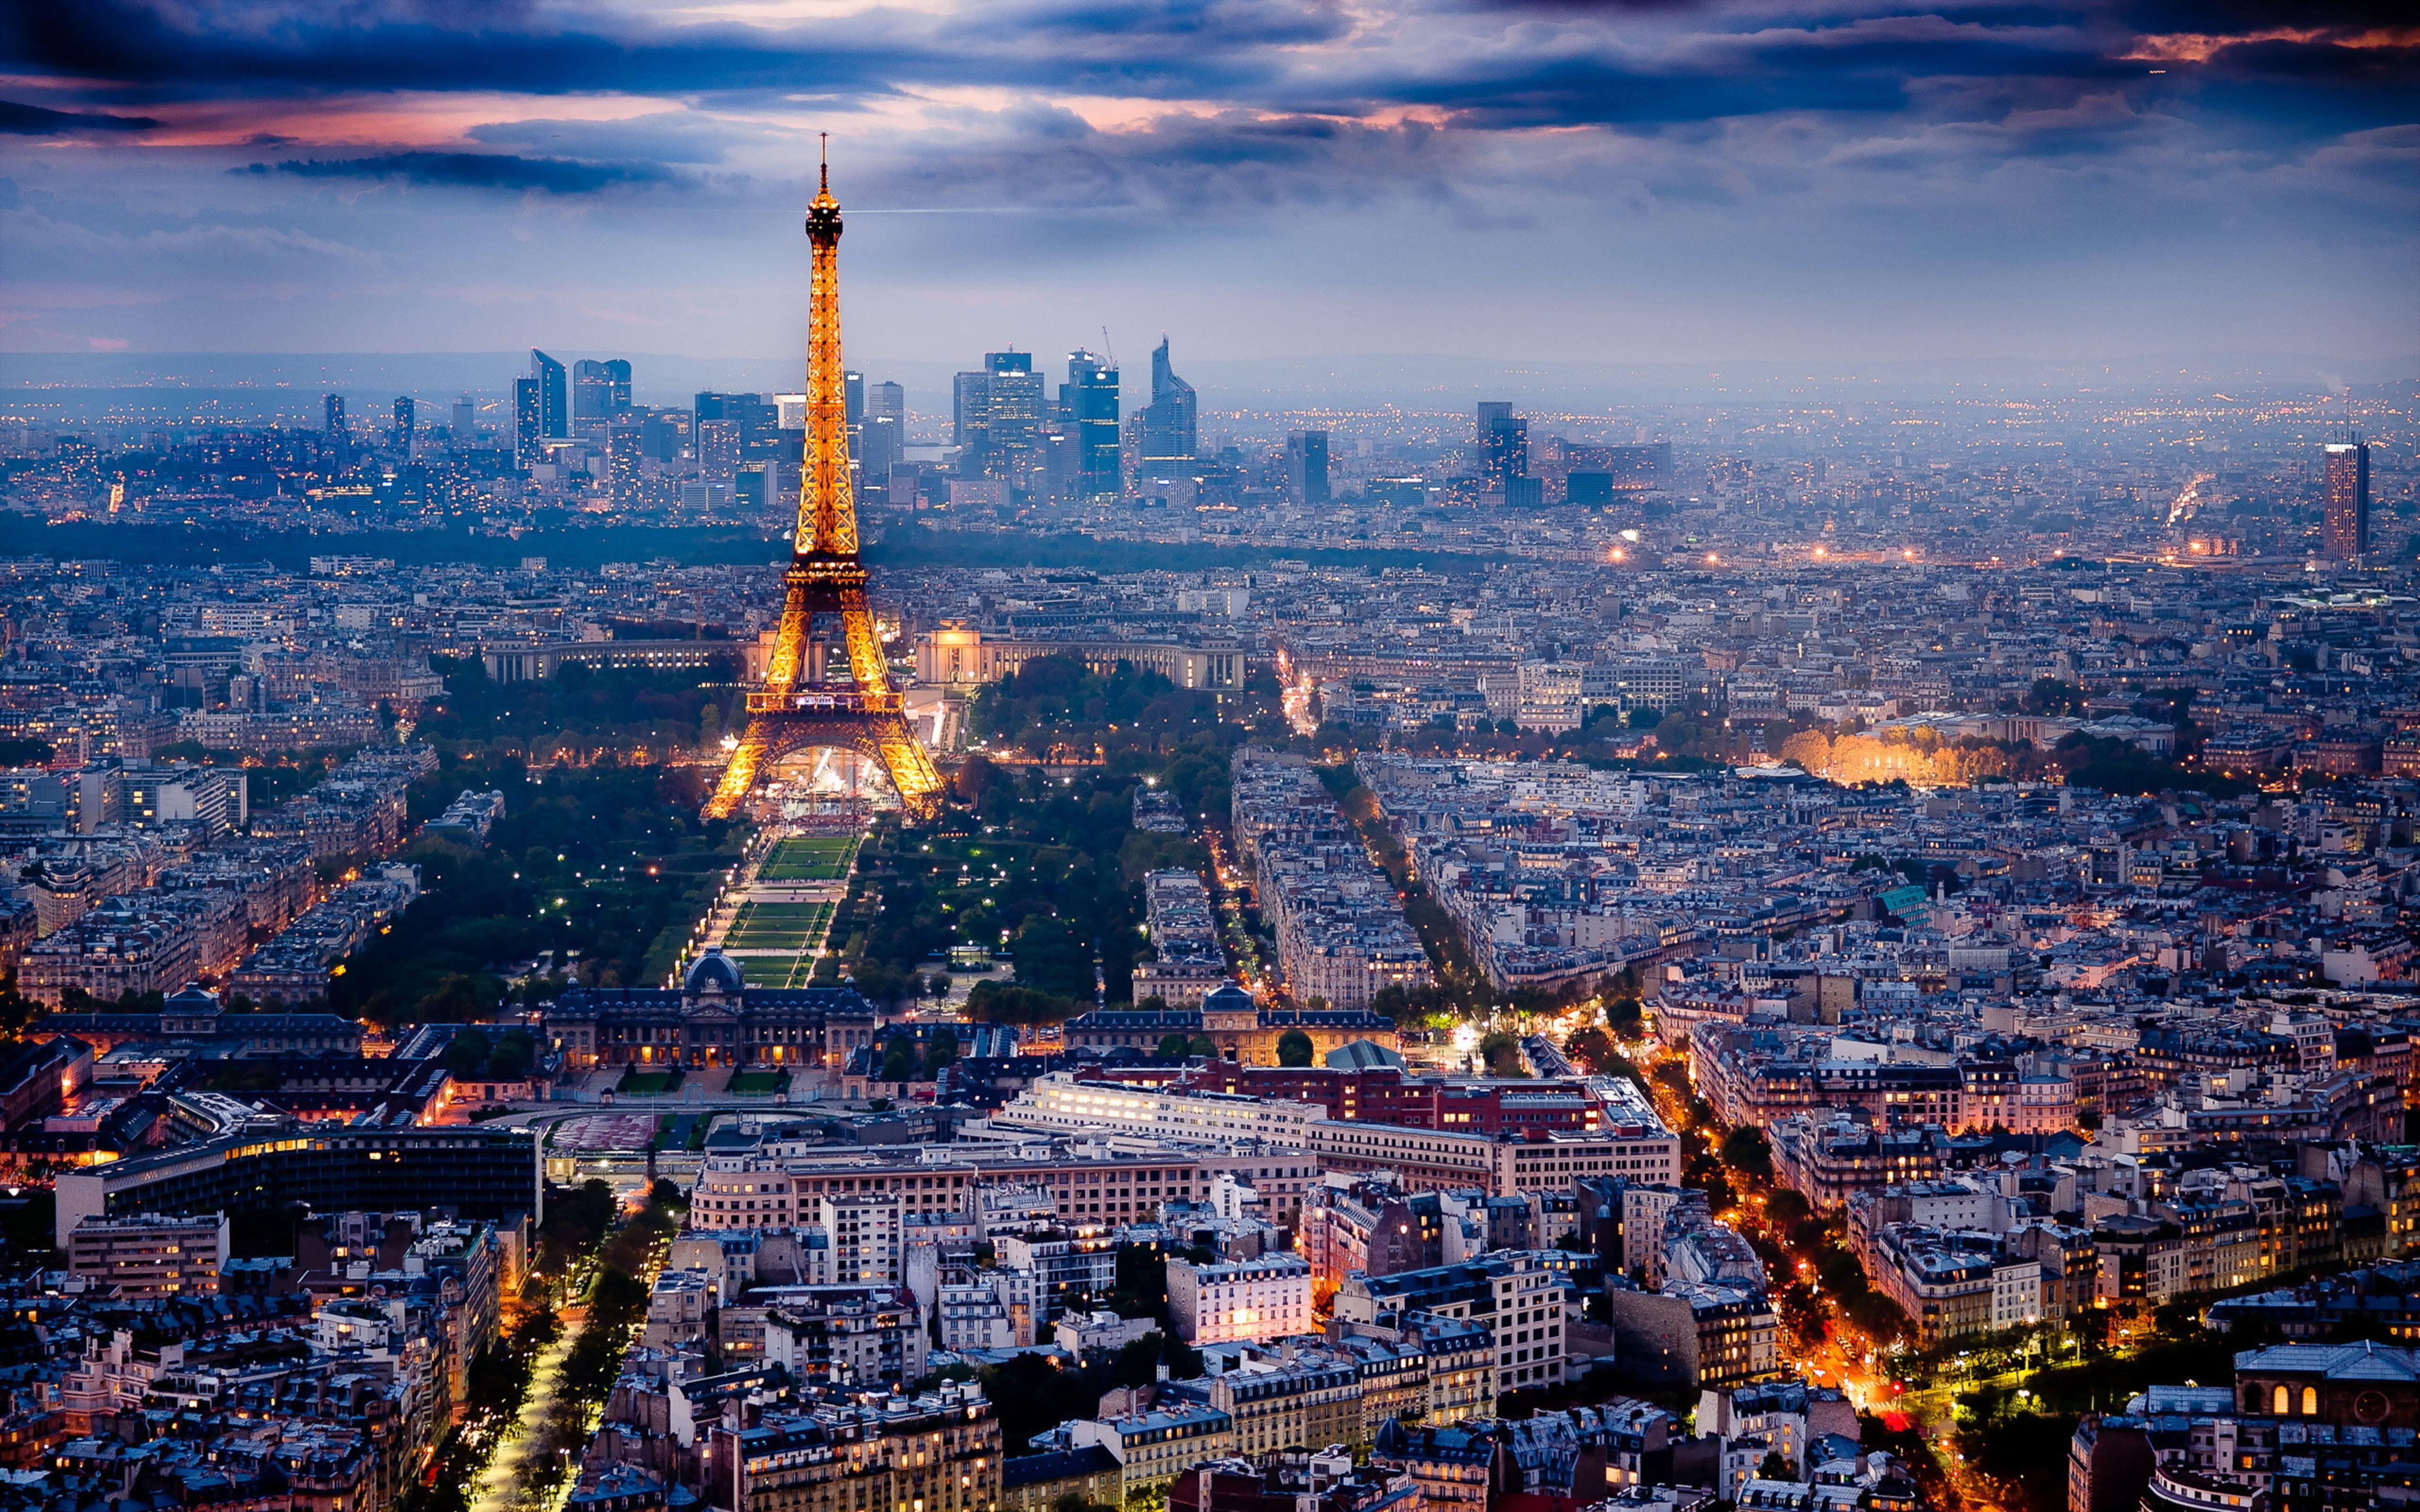 Wallpaper Download 5120x3200 Landscape Paris Night View